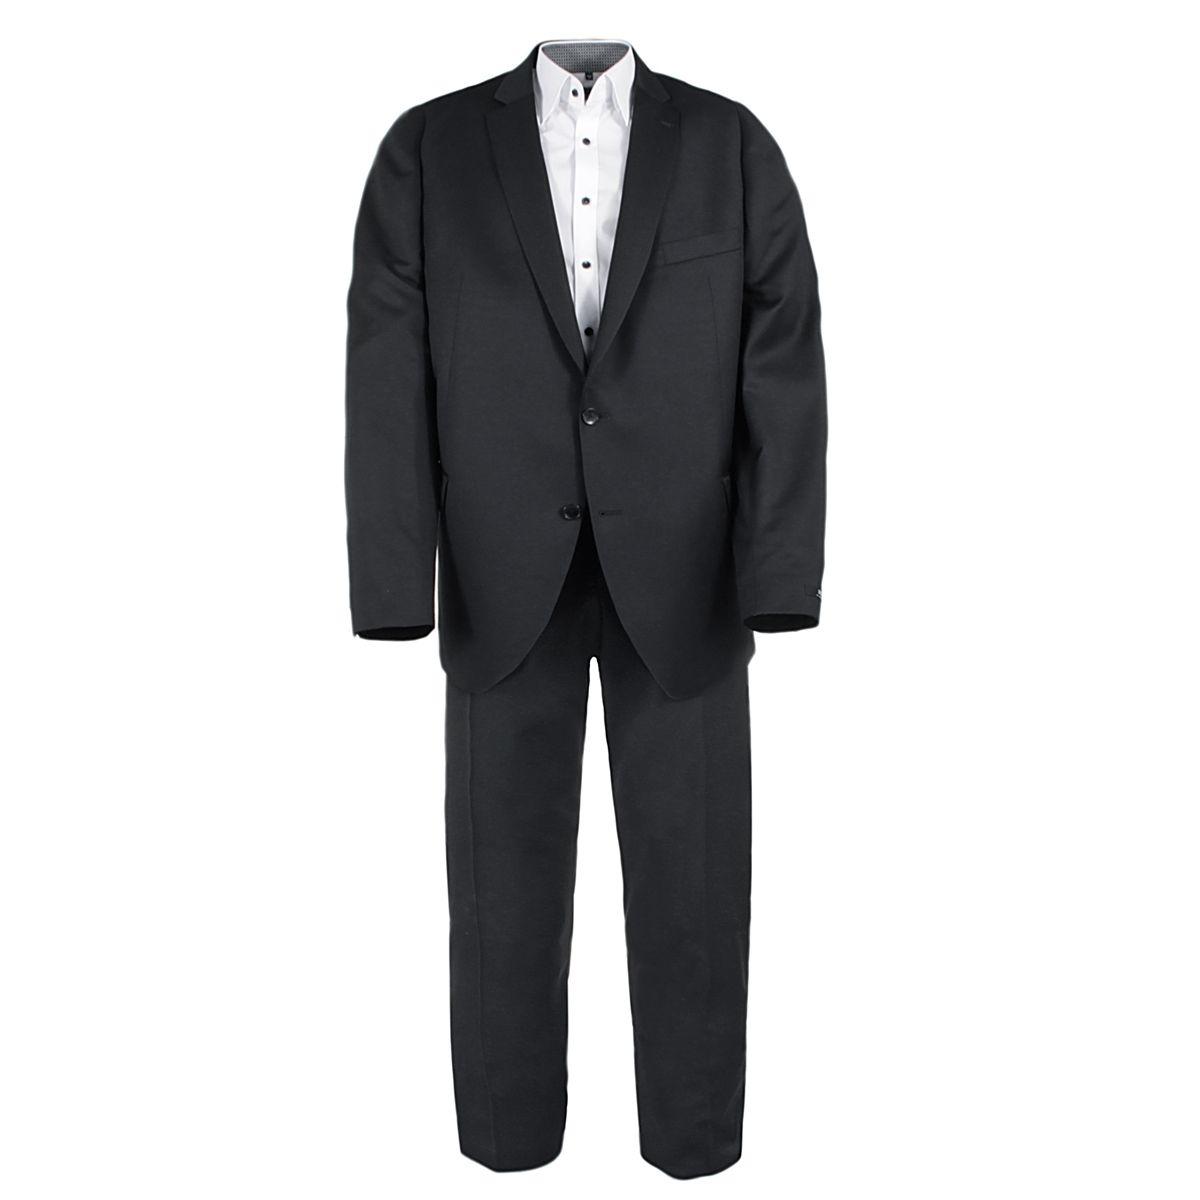 costume complet super 120 marzotto laine gris pour homme grand du 56 au 60 size factory digel. Black Bedroom Furniture Sets. Home Design Ideas